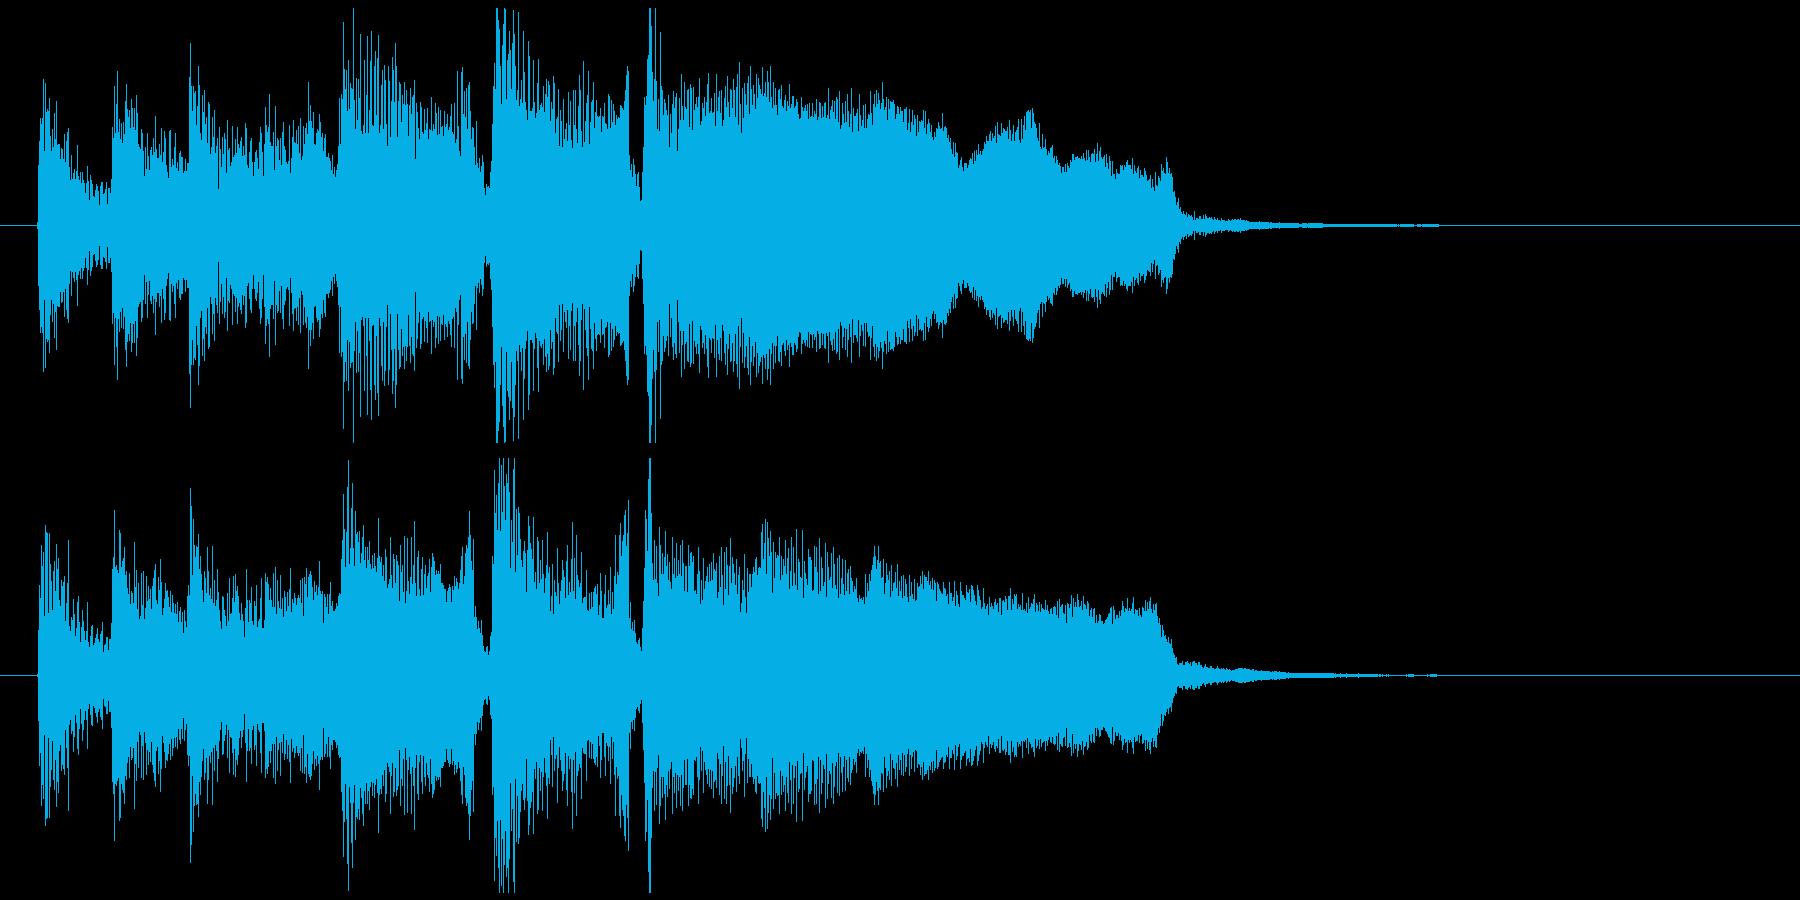 くじ引きやビンゴの結果発表っぽいジングルの再生済みの波形